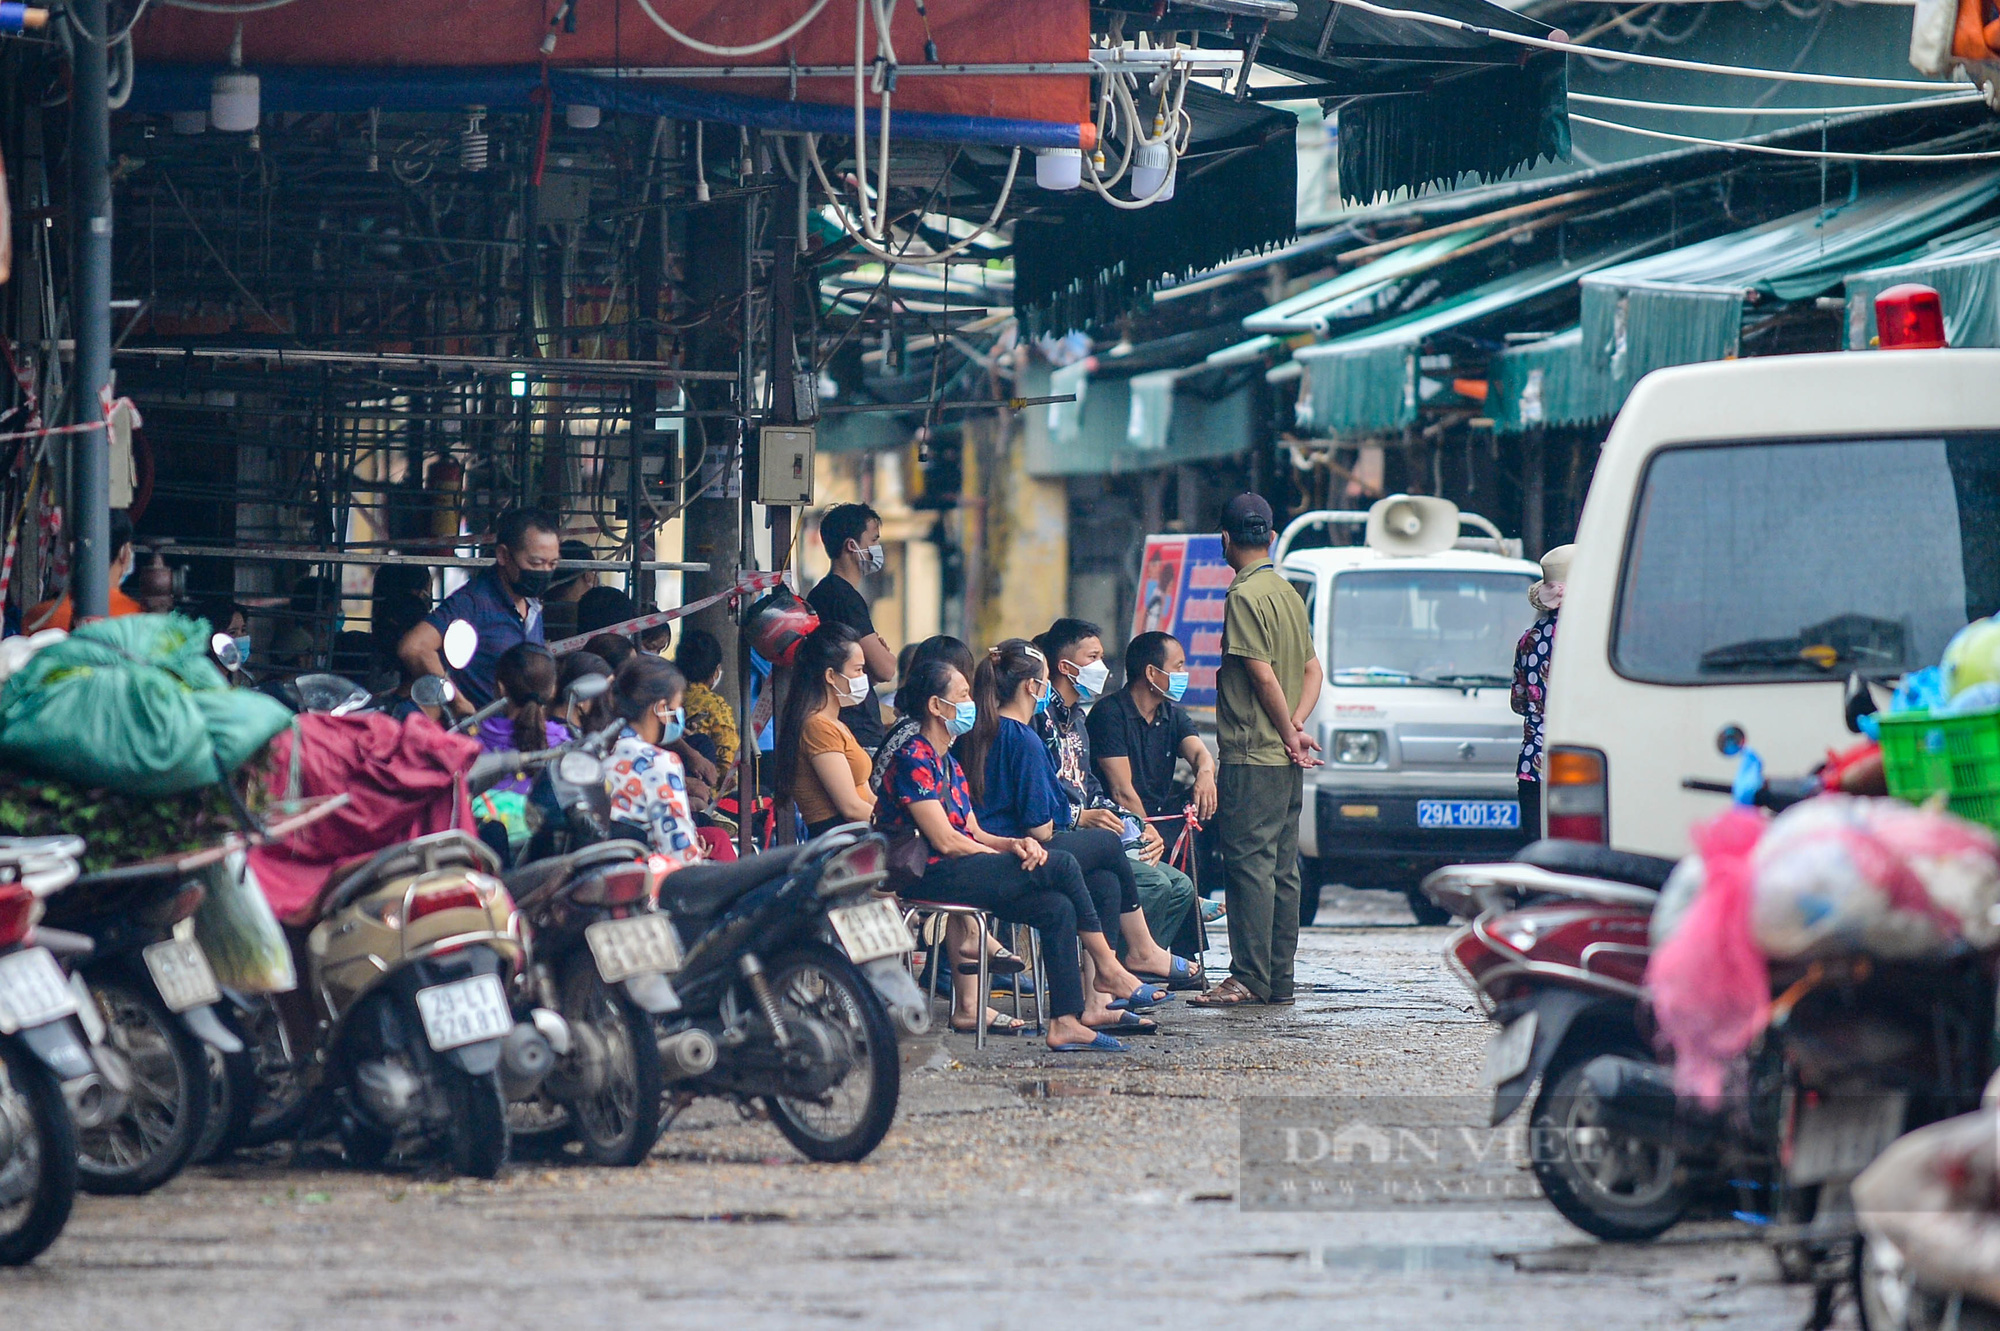 Lấy mẫu xét nghiệm hàng trăm tiểu thương tiểu thương tại chợ Phùng Khoang - Ảnh 5.